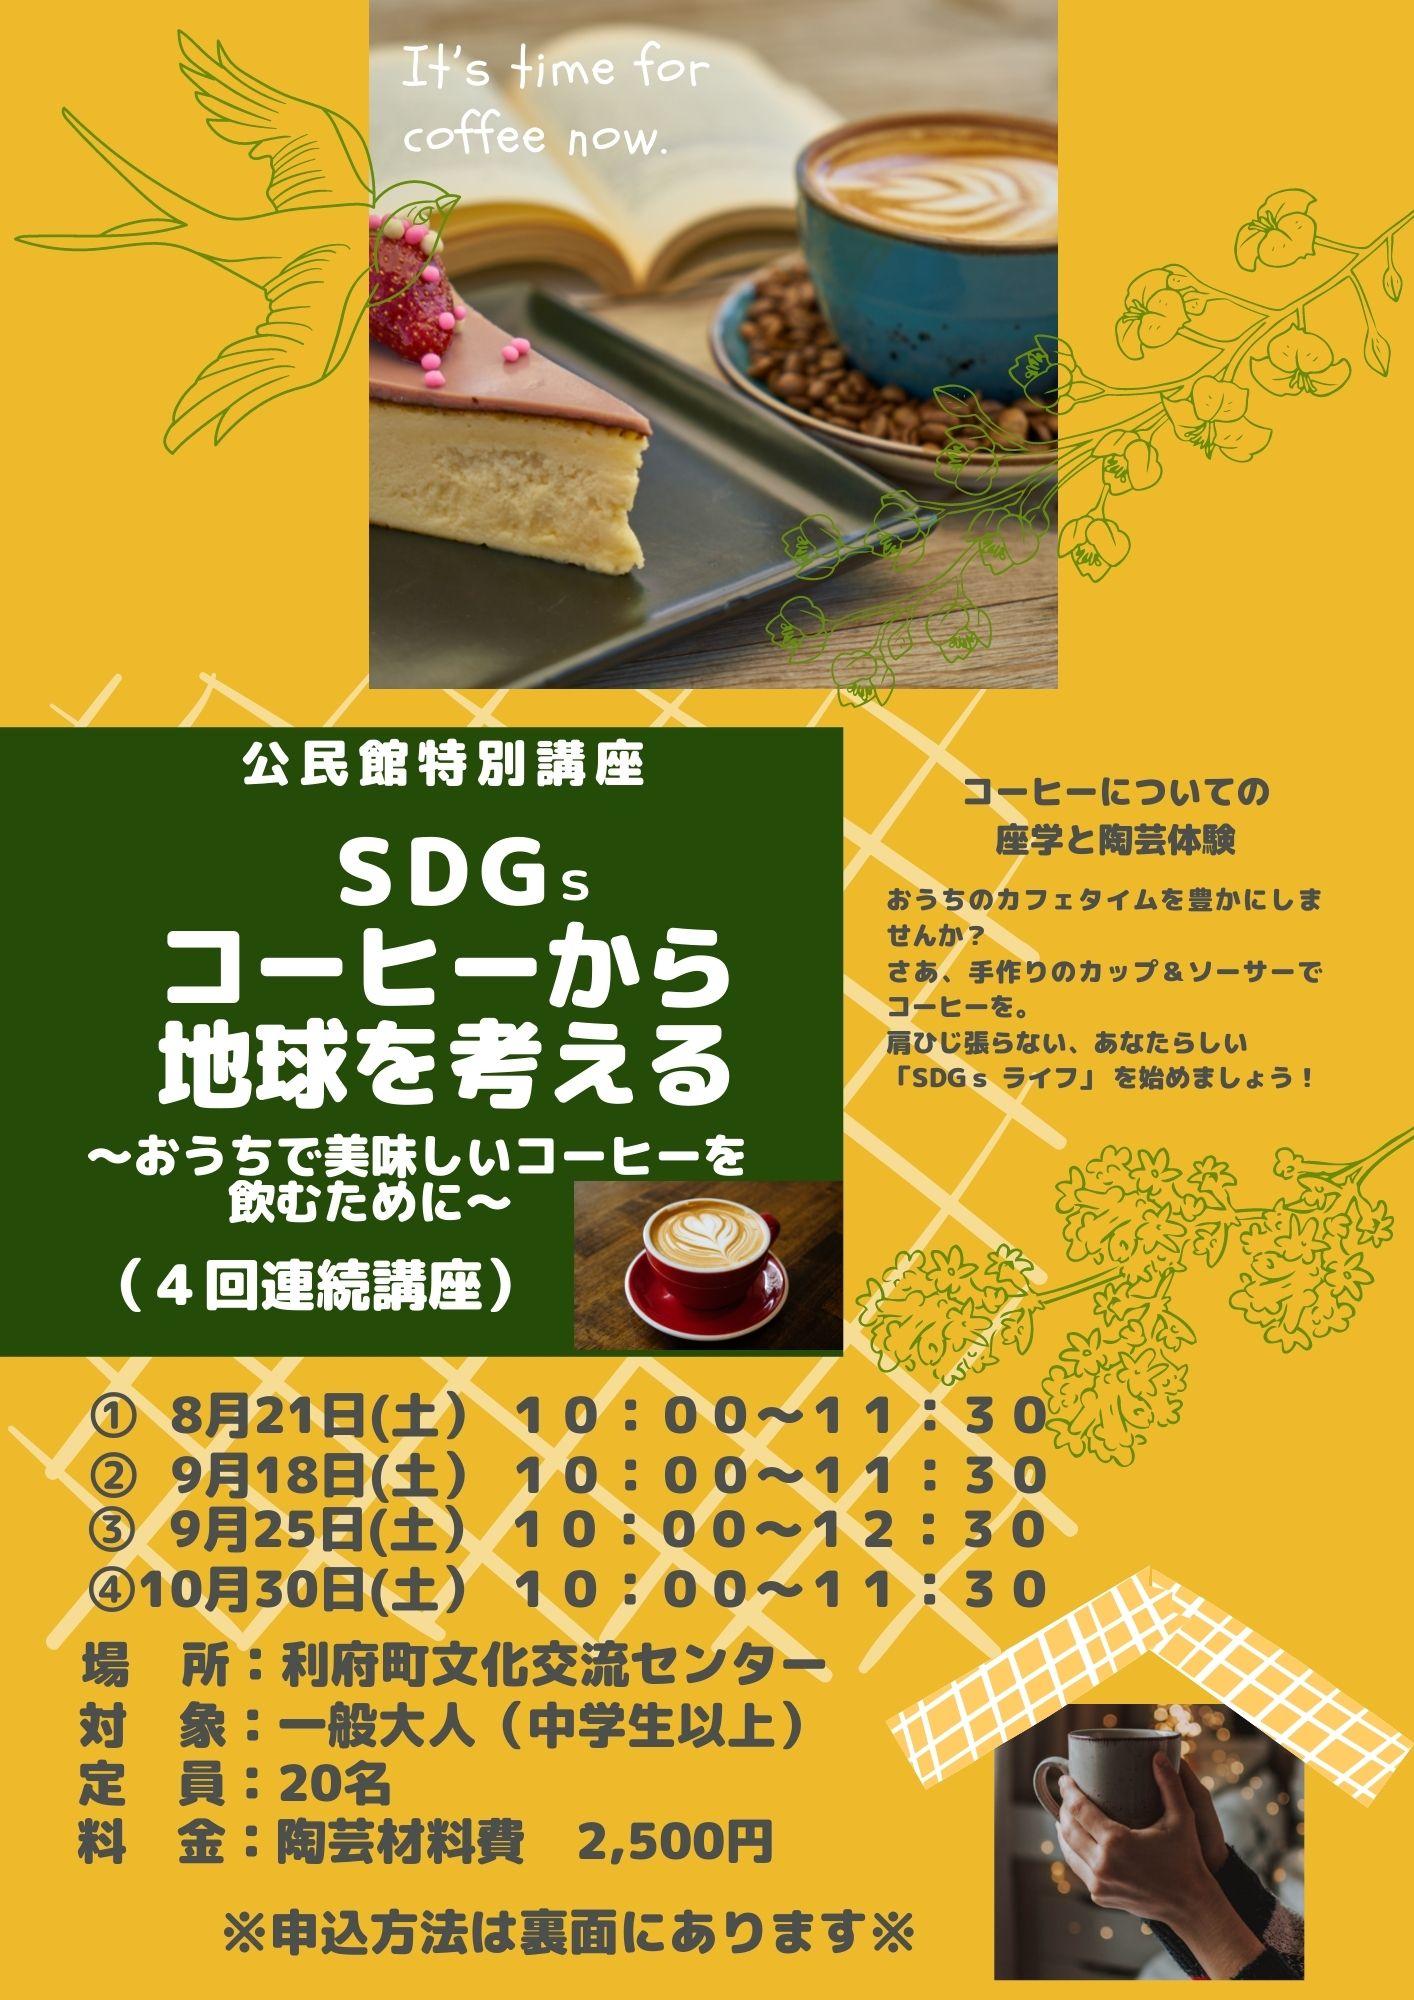 【全4回】コーヒーについての座学と陶芸体験